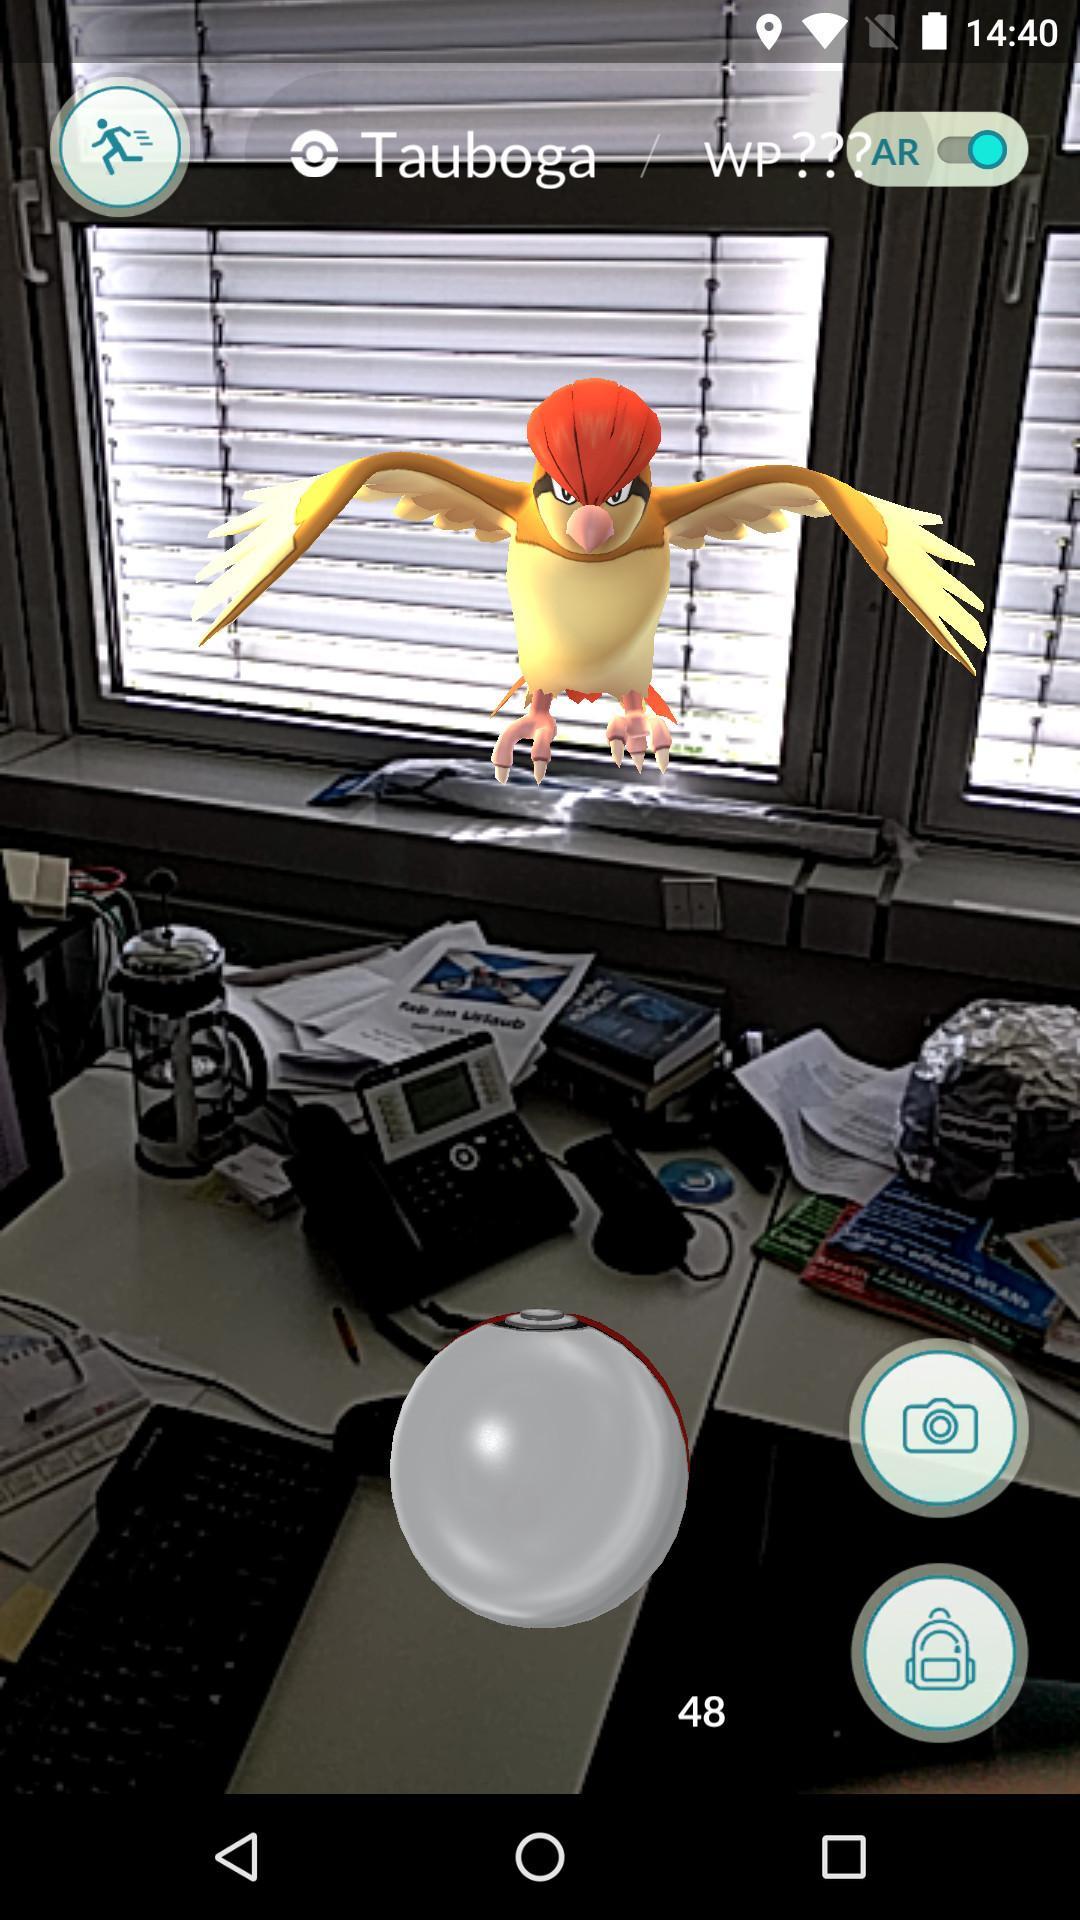 Auch in der Heise-Redaktion werden munter Pokémons gejagt.